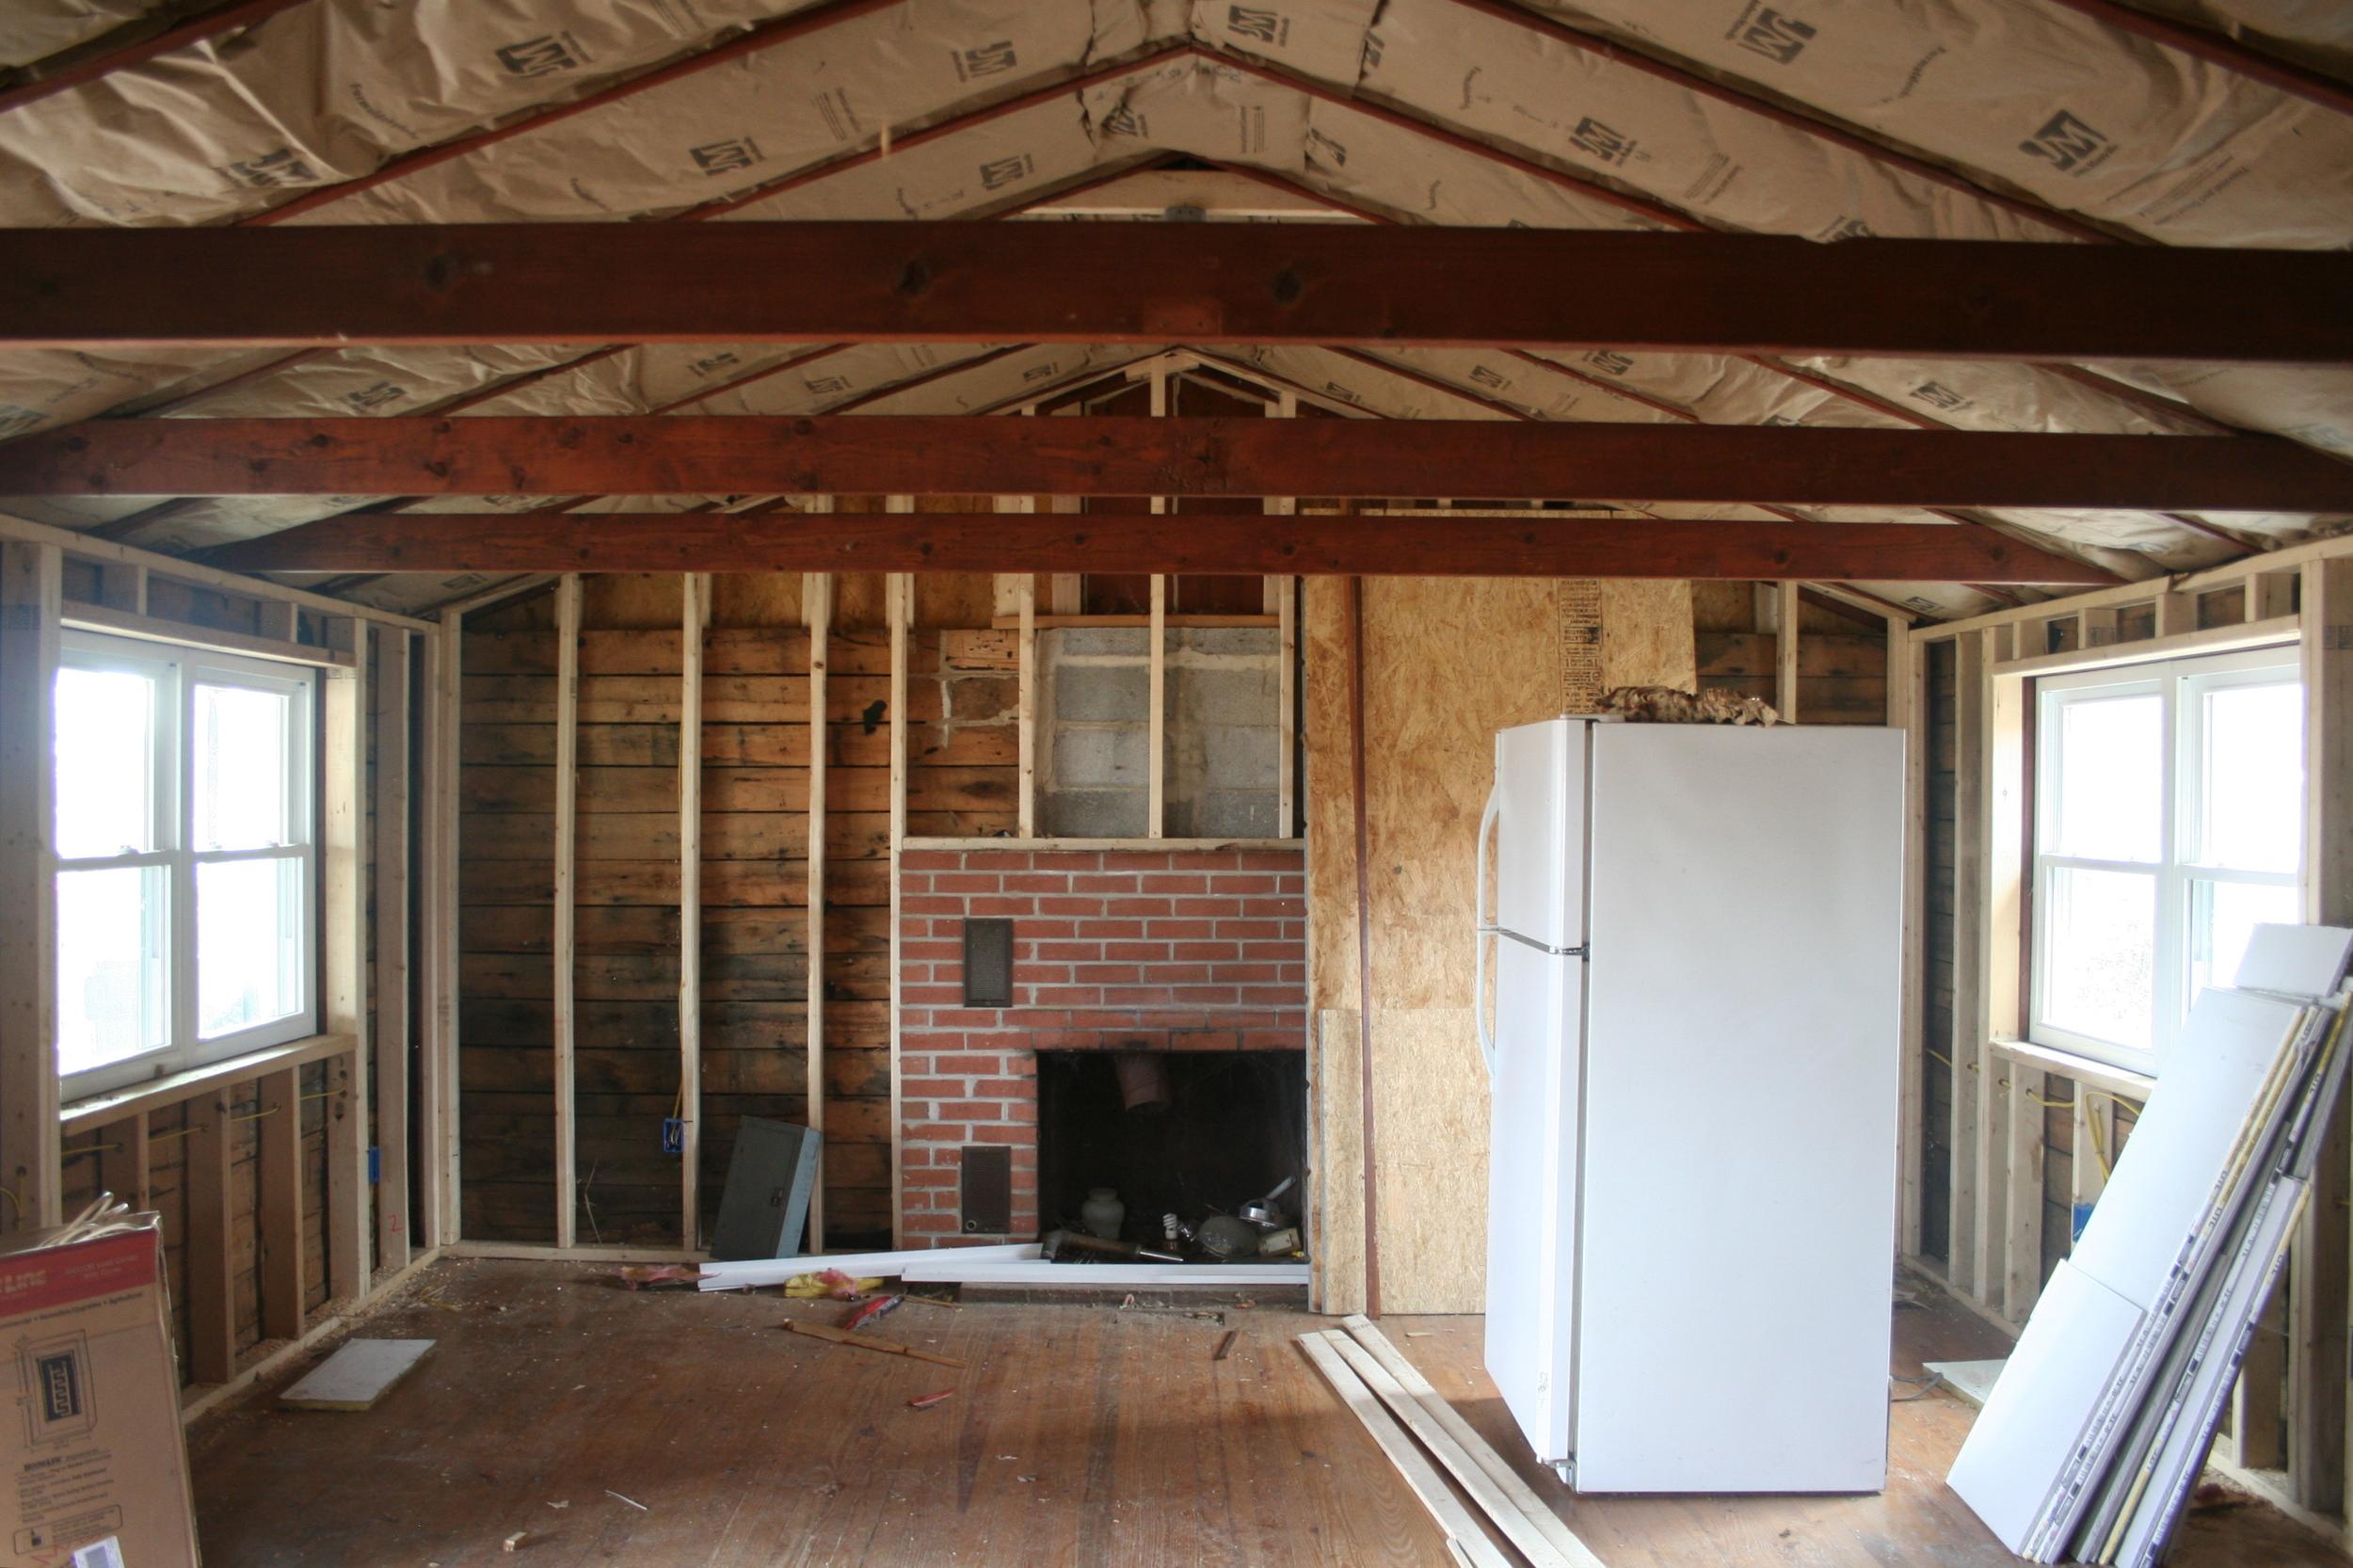 The living room. Loving the symmetry!